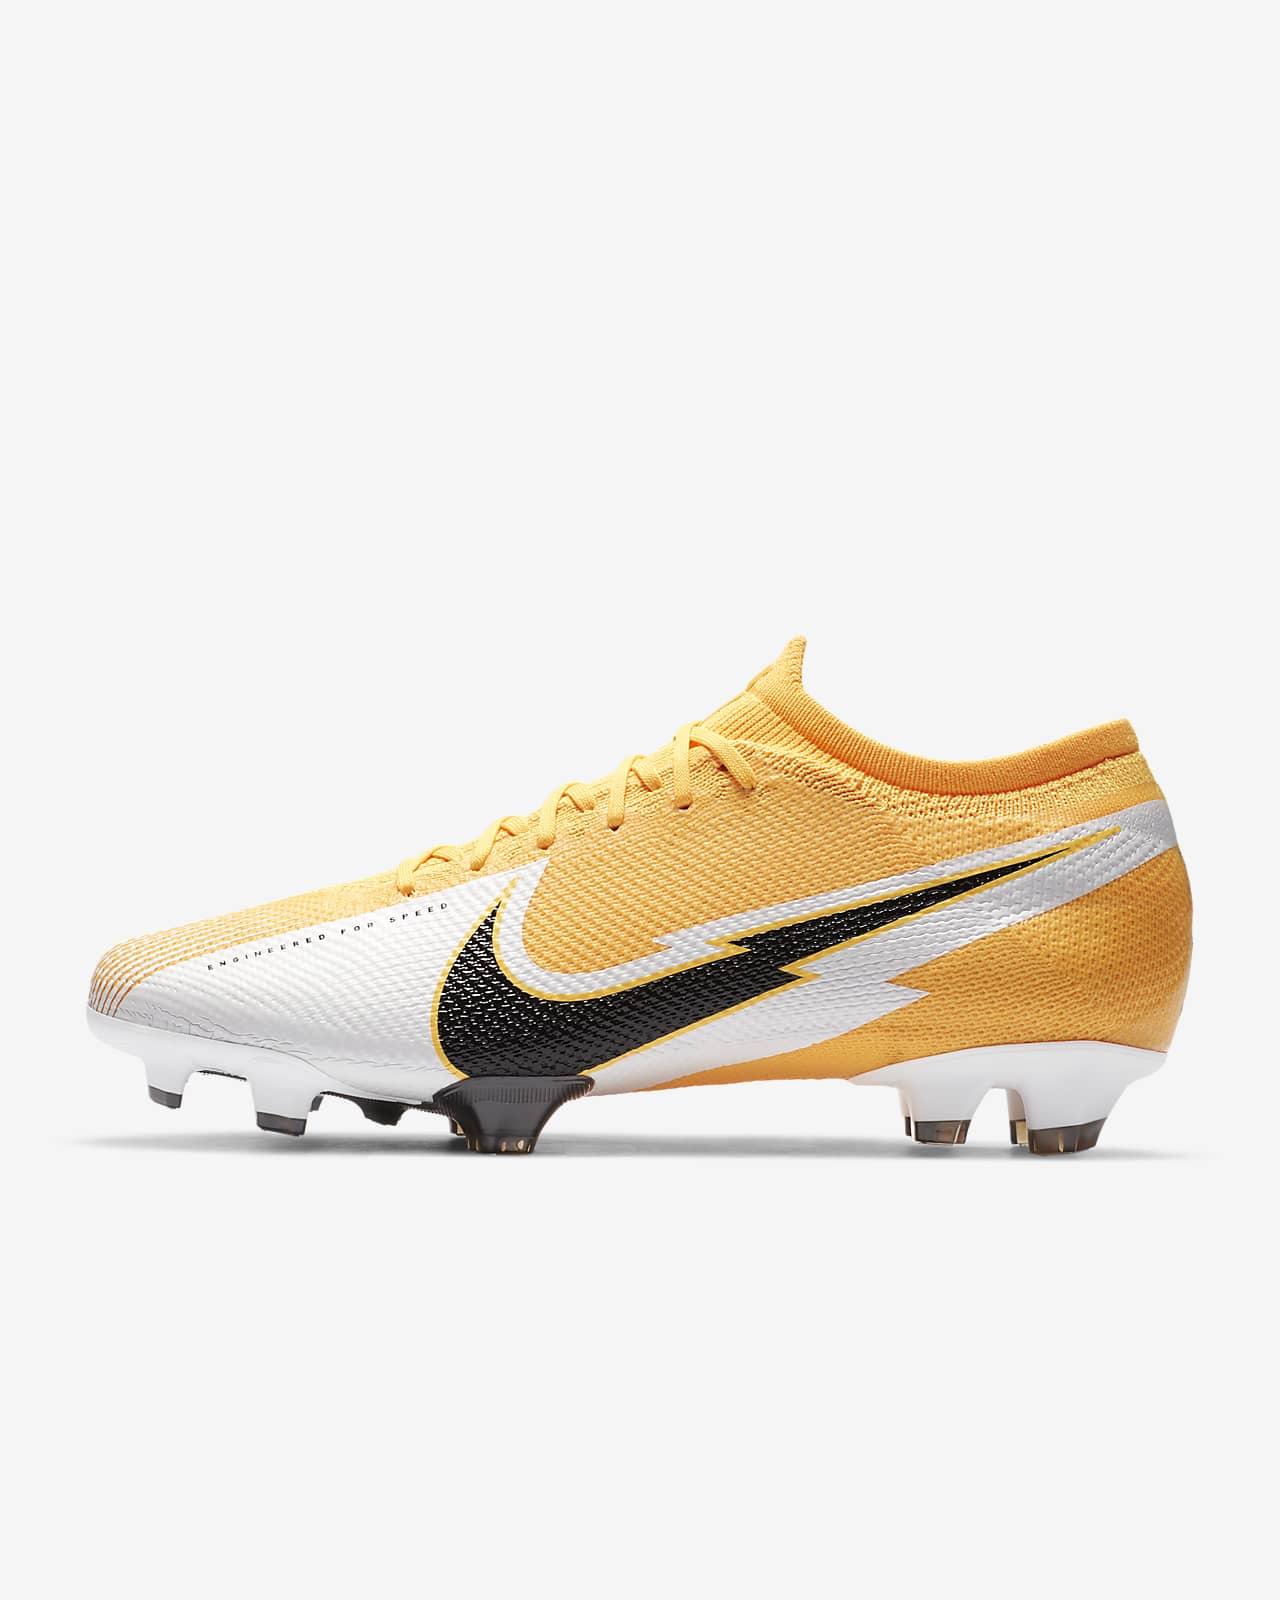 Chaussure de football à crampons pour terrain sec Nike Mercurial Vapor 13 Pro FG